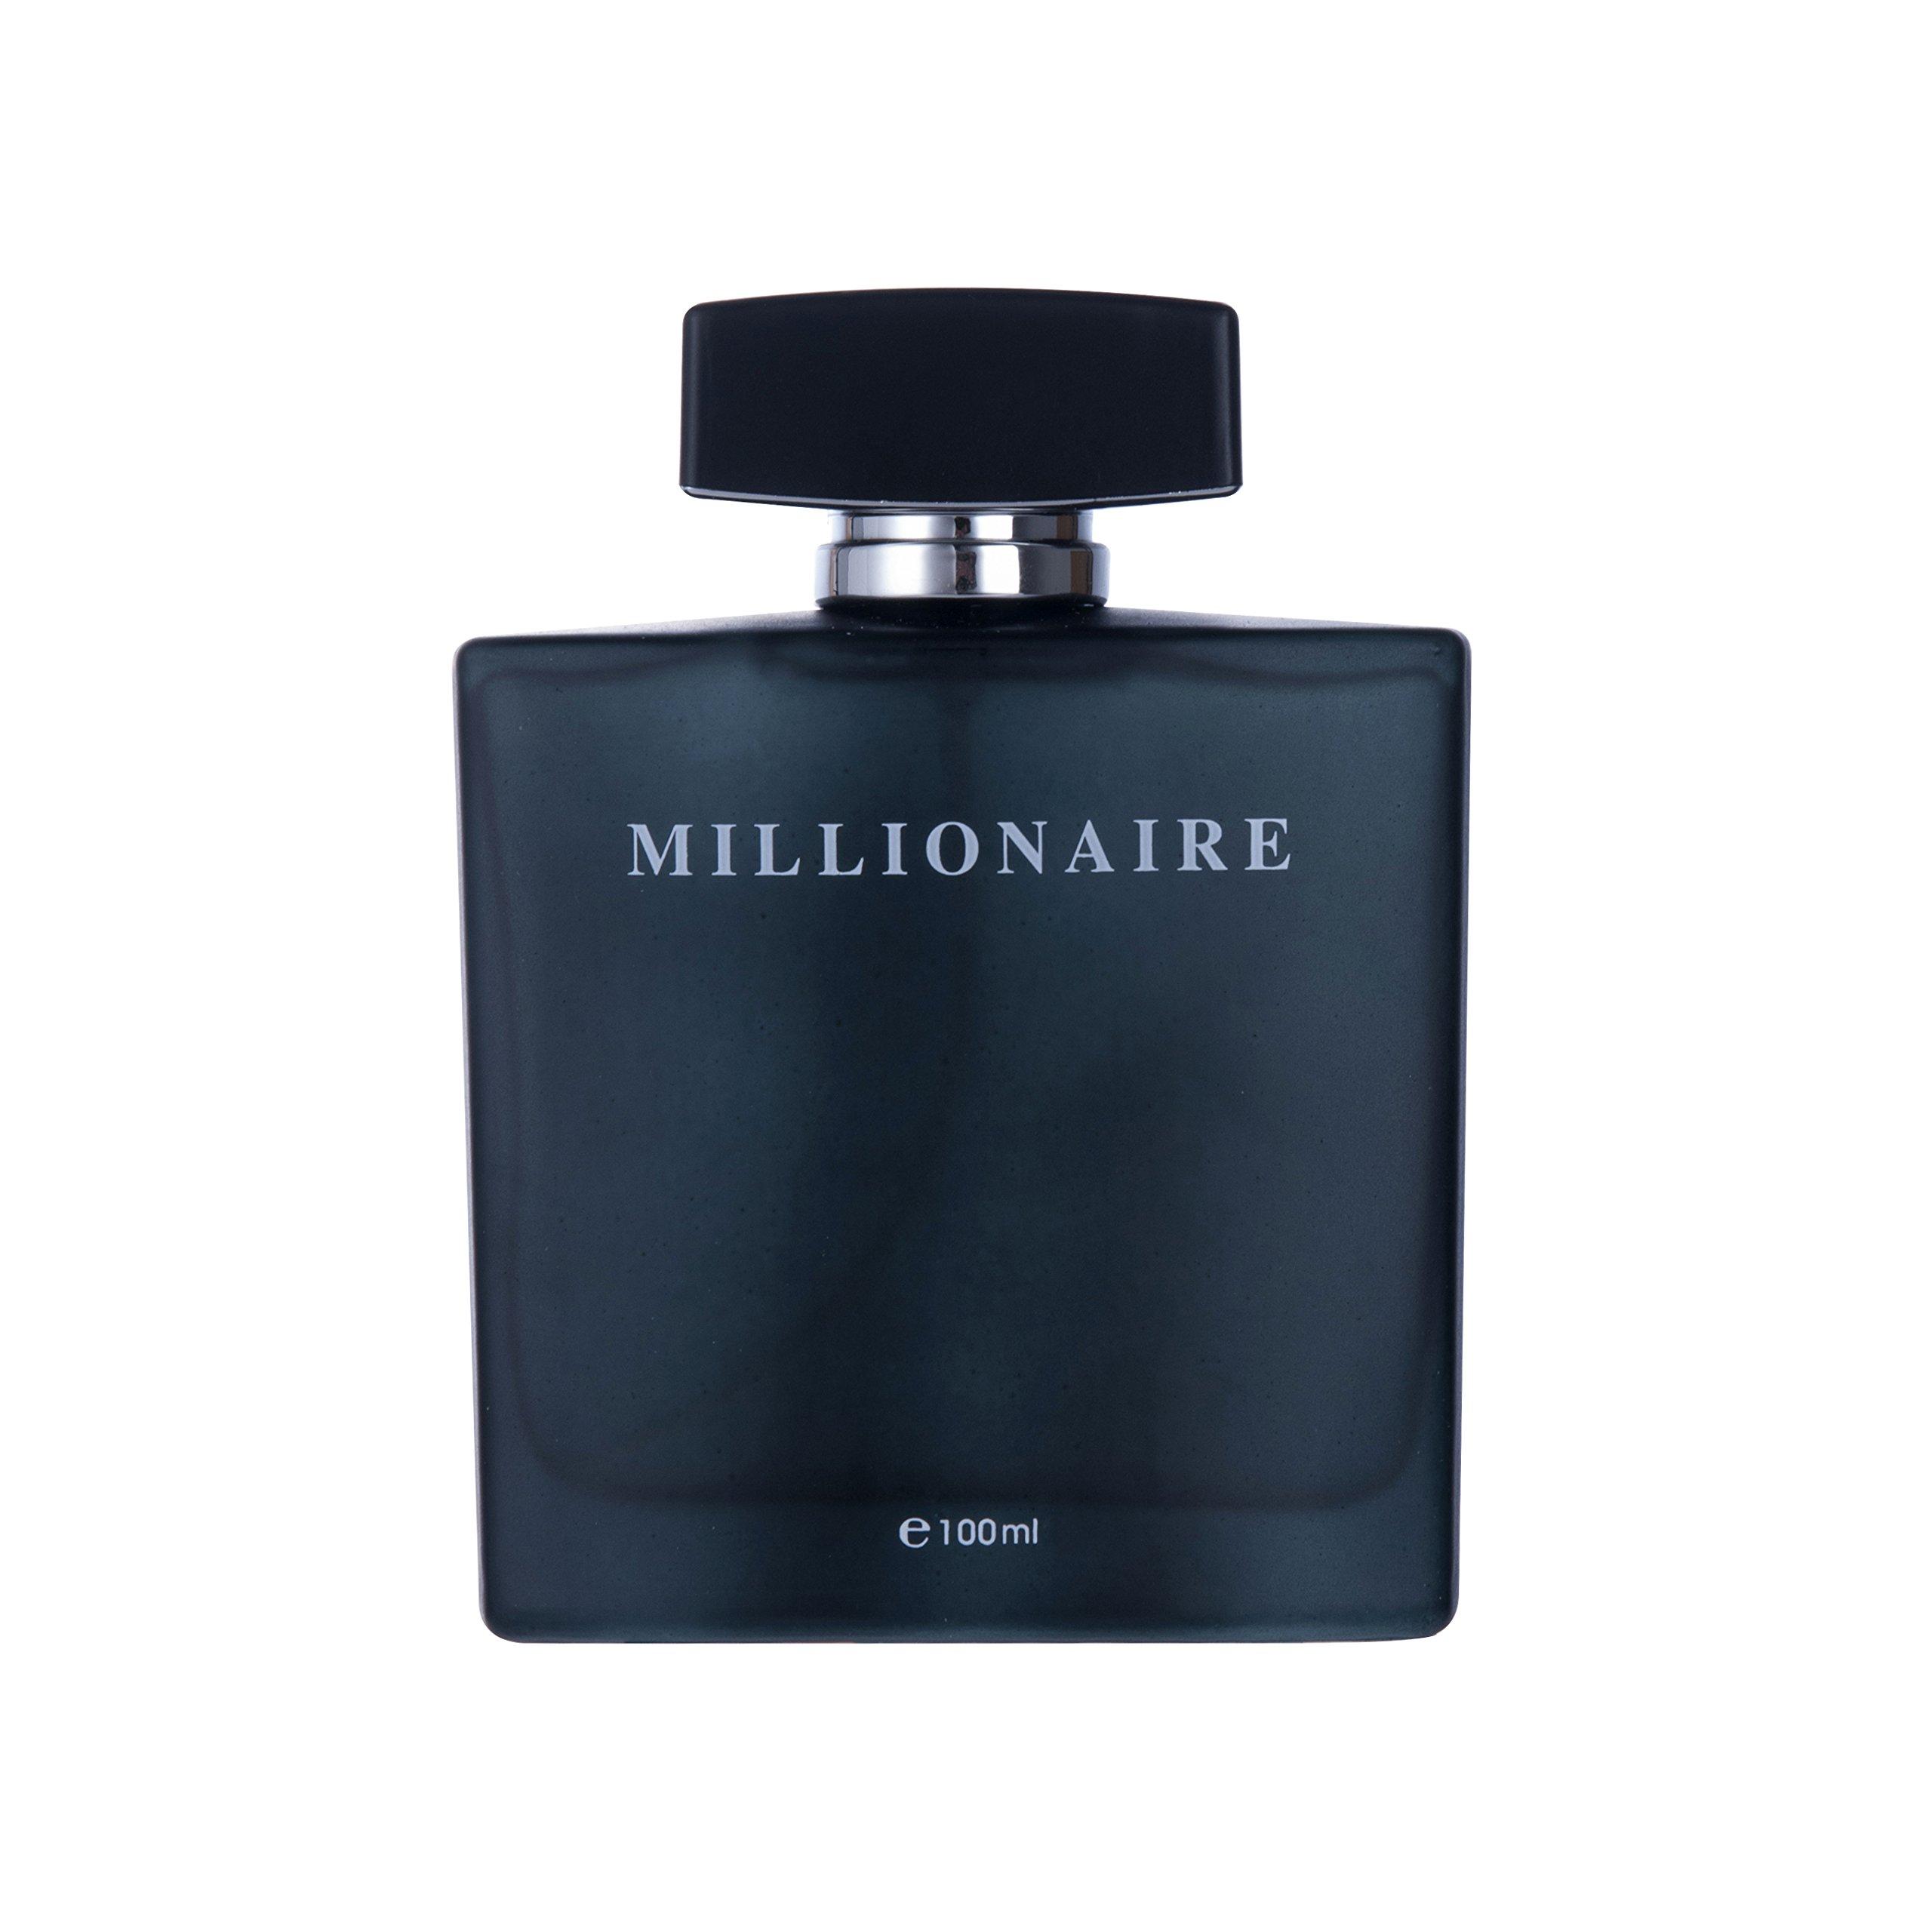 Perfume&Beauty Perfume Eau de Parfume for Men, 3.4 oz Spray Parfume for Men 100 ML- Black Millionaire